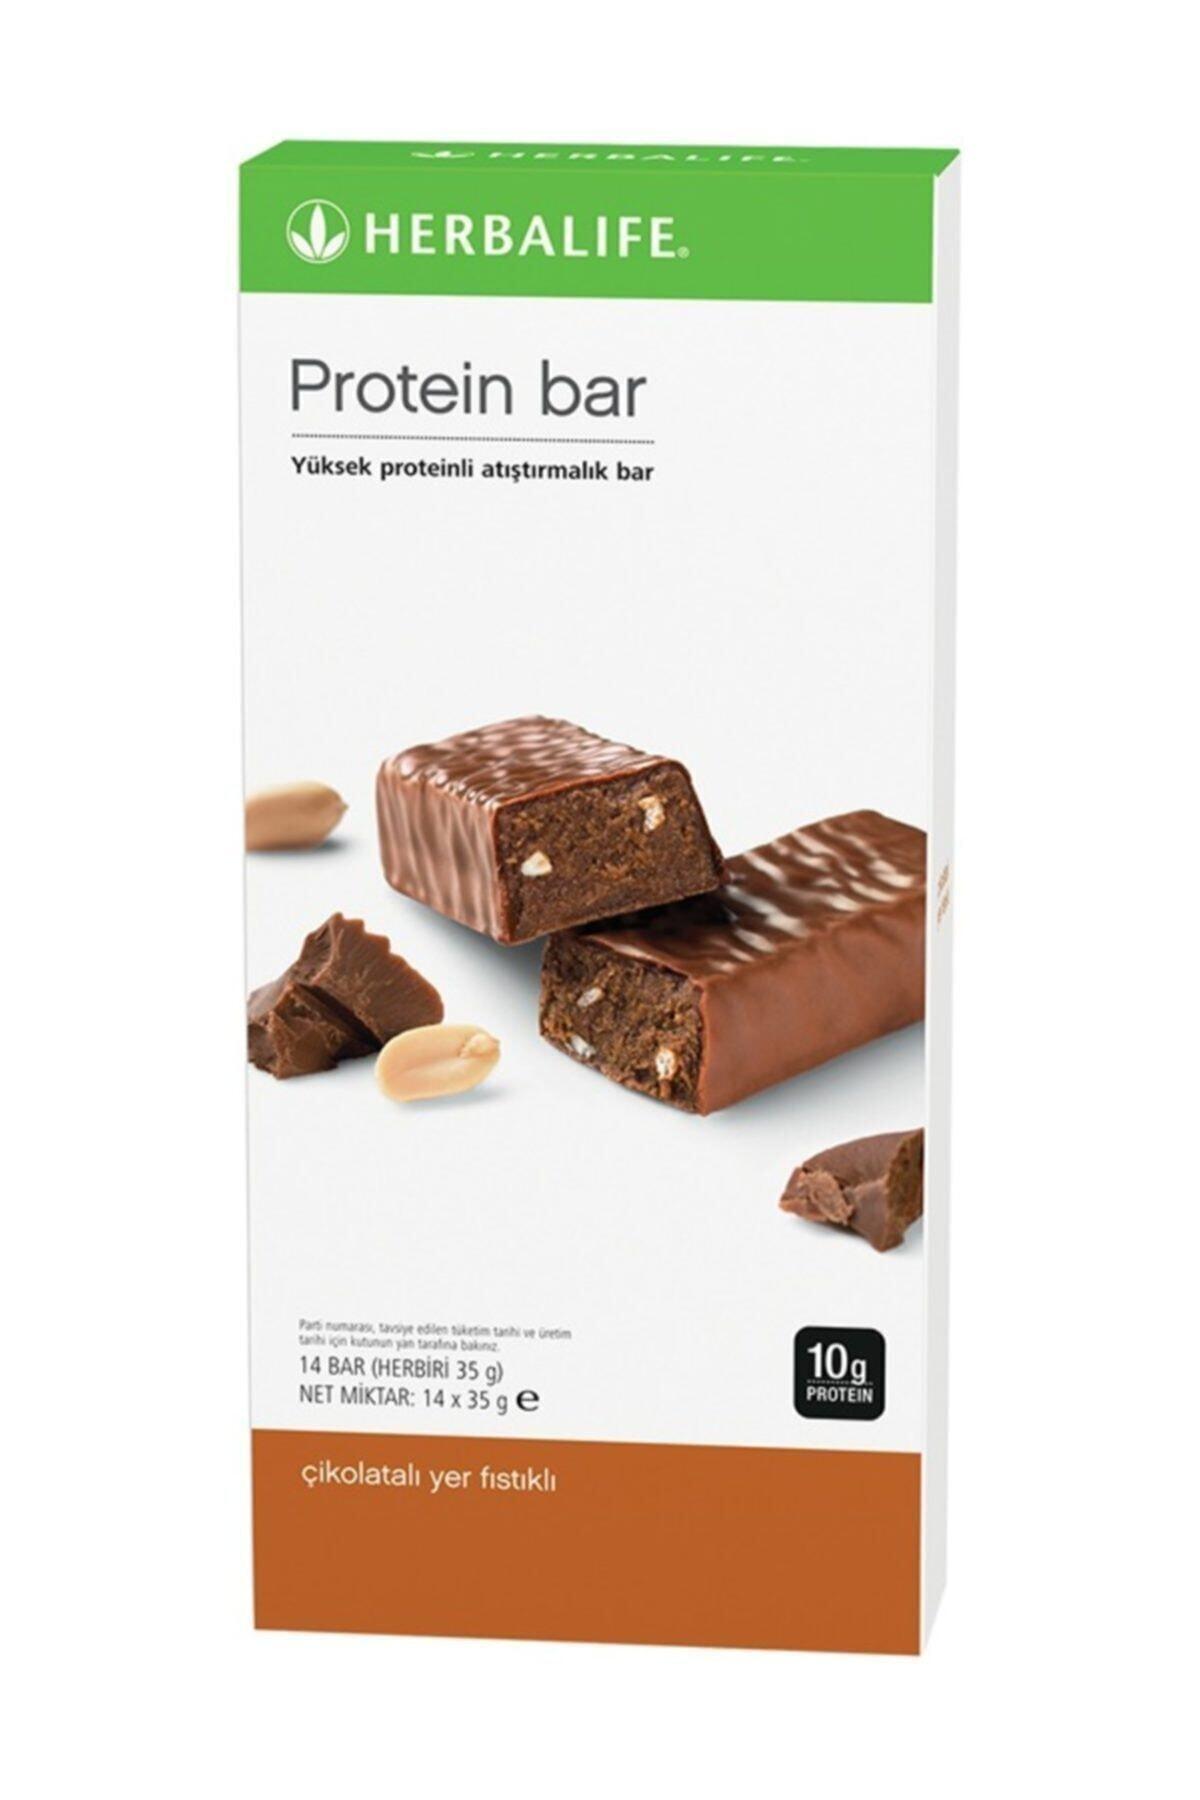 Herbalife Protein Bar Çikolatalı Yer Fıstıklı Çikolatalı Yer Fıstıklı 14'lü Paket 1